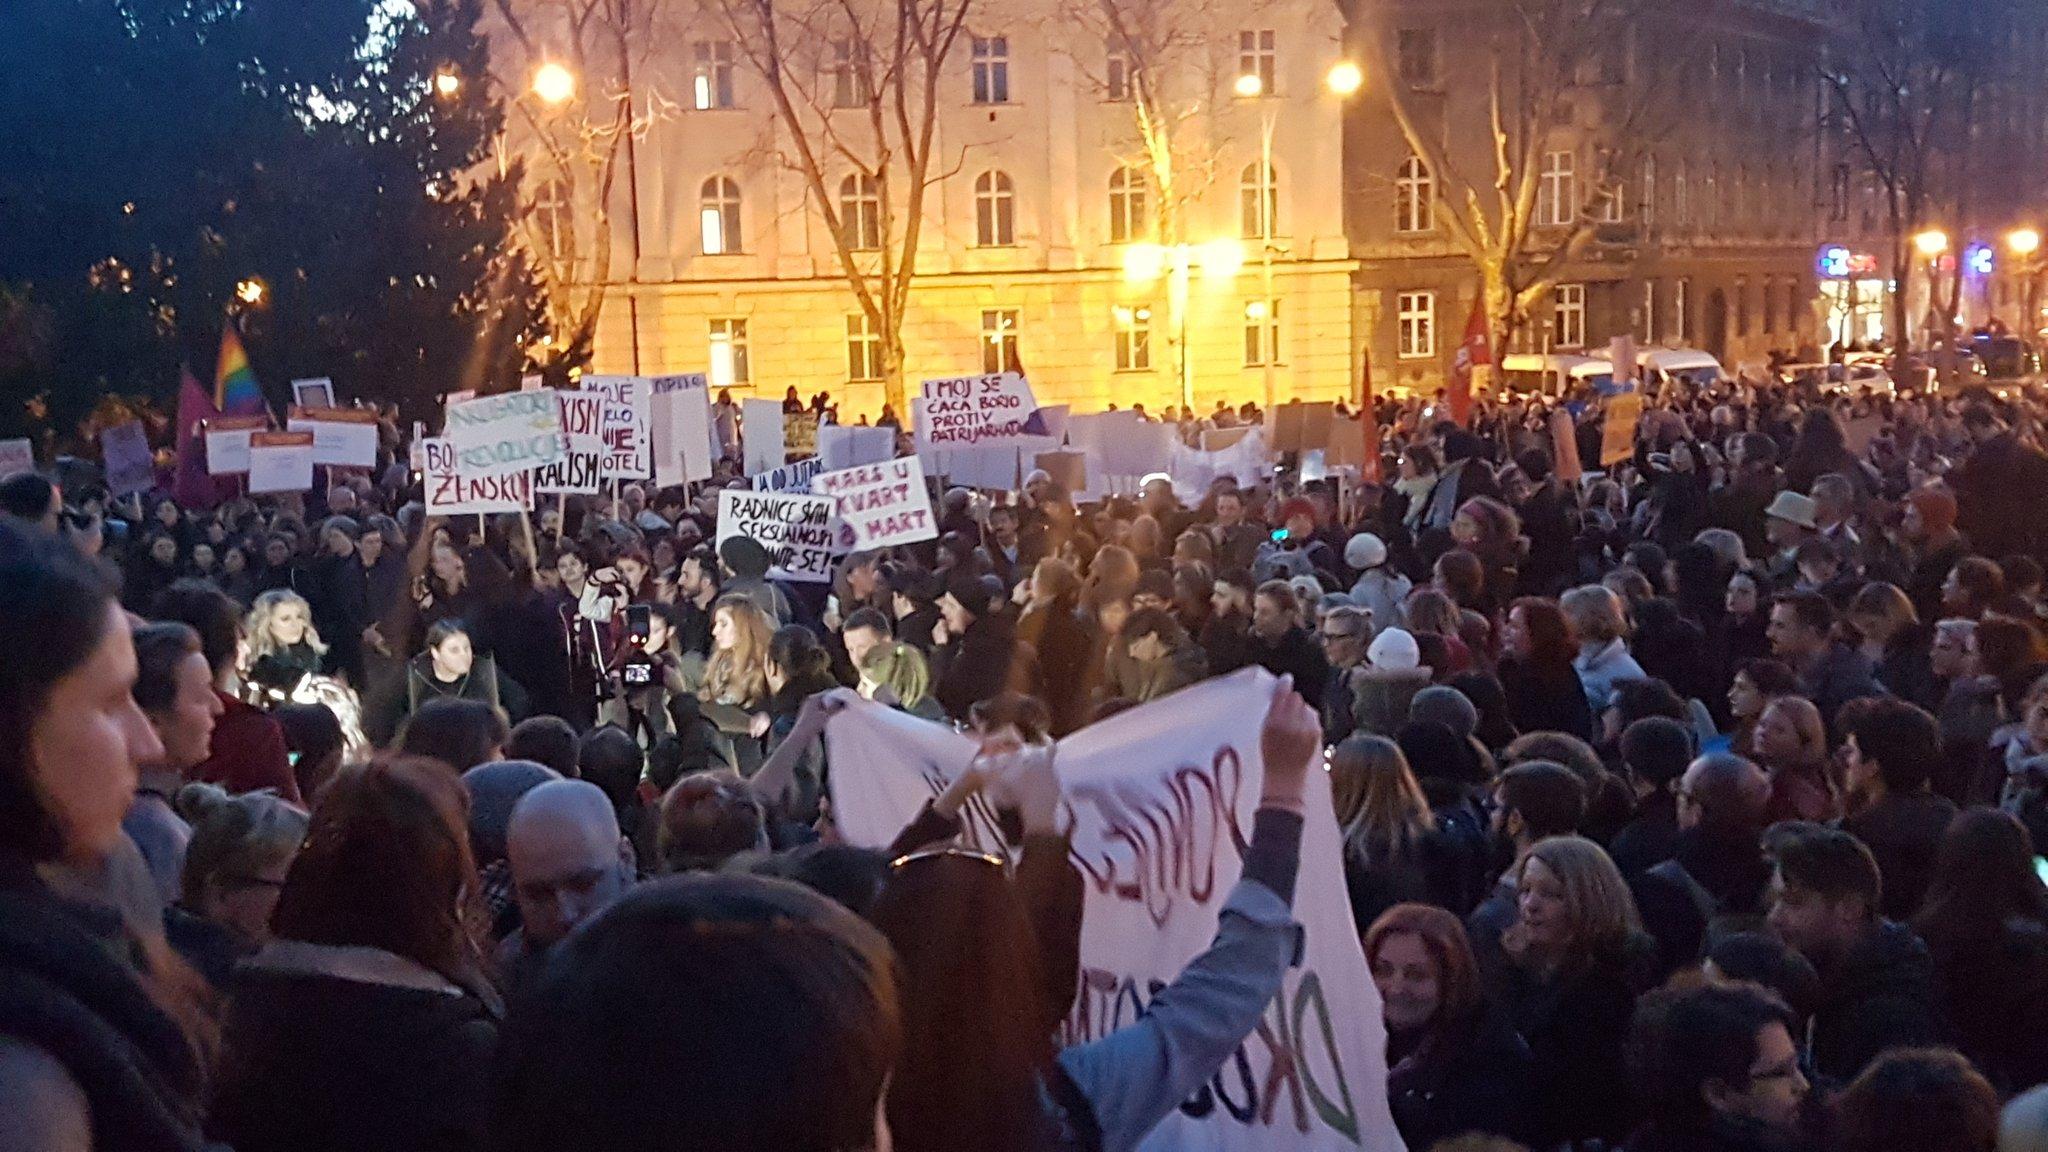 8 marzo a Zagabria (foto @teolin8)